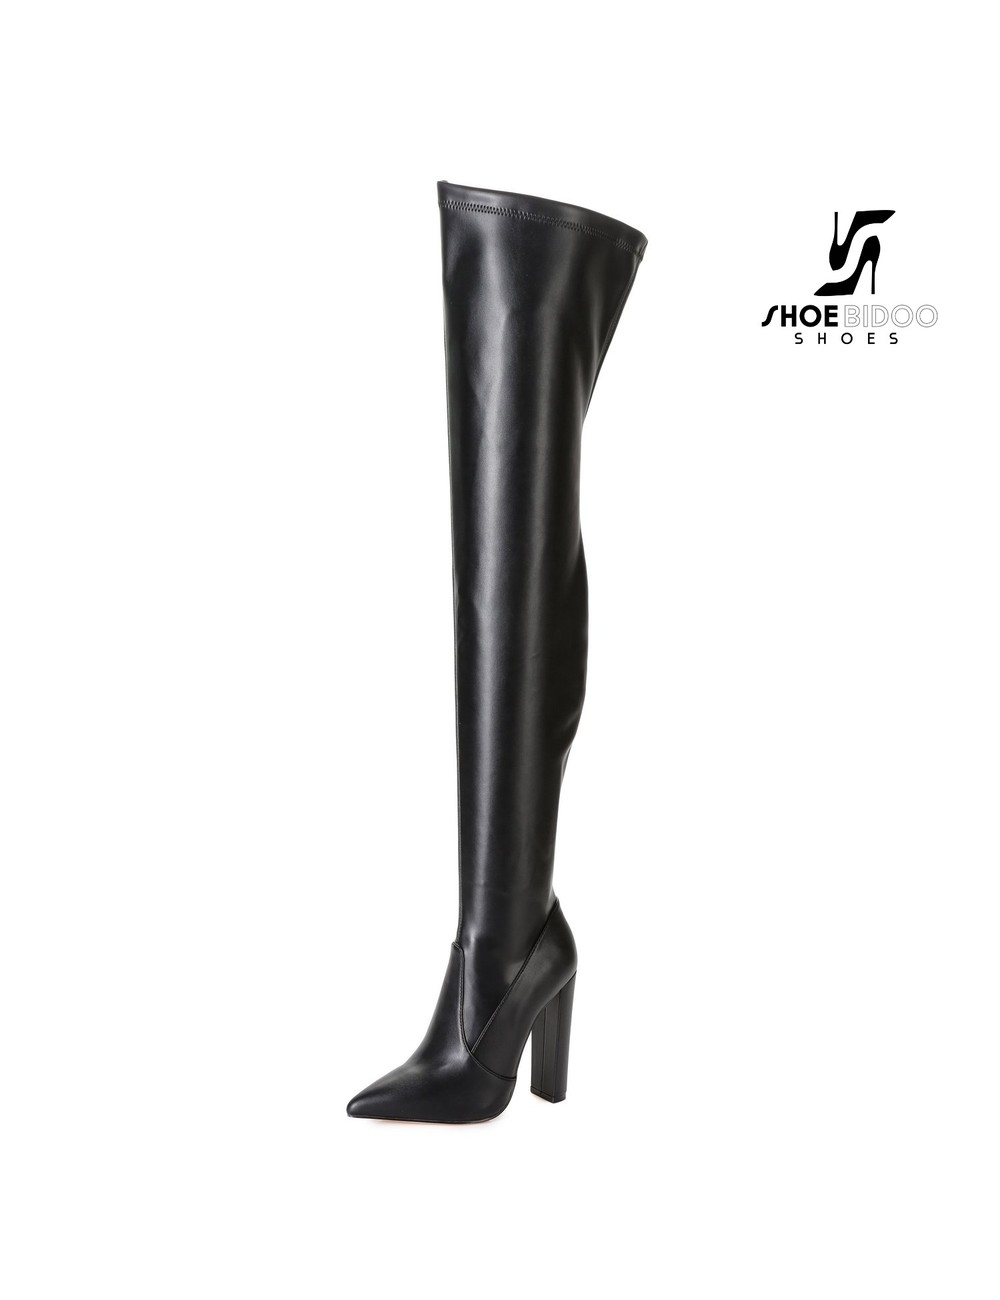 Giaro Giaro Oberschenkel Stiefel TRINKET in schwarzer Matte